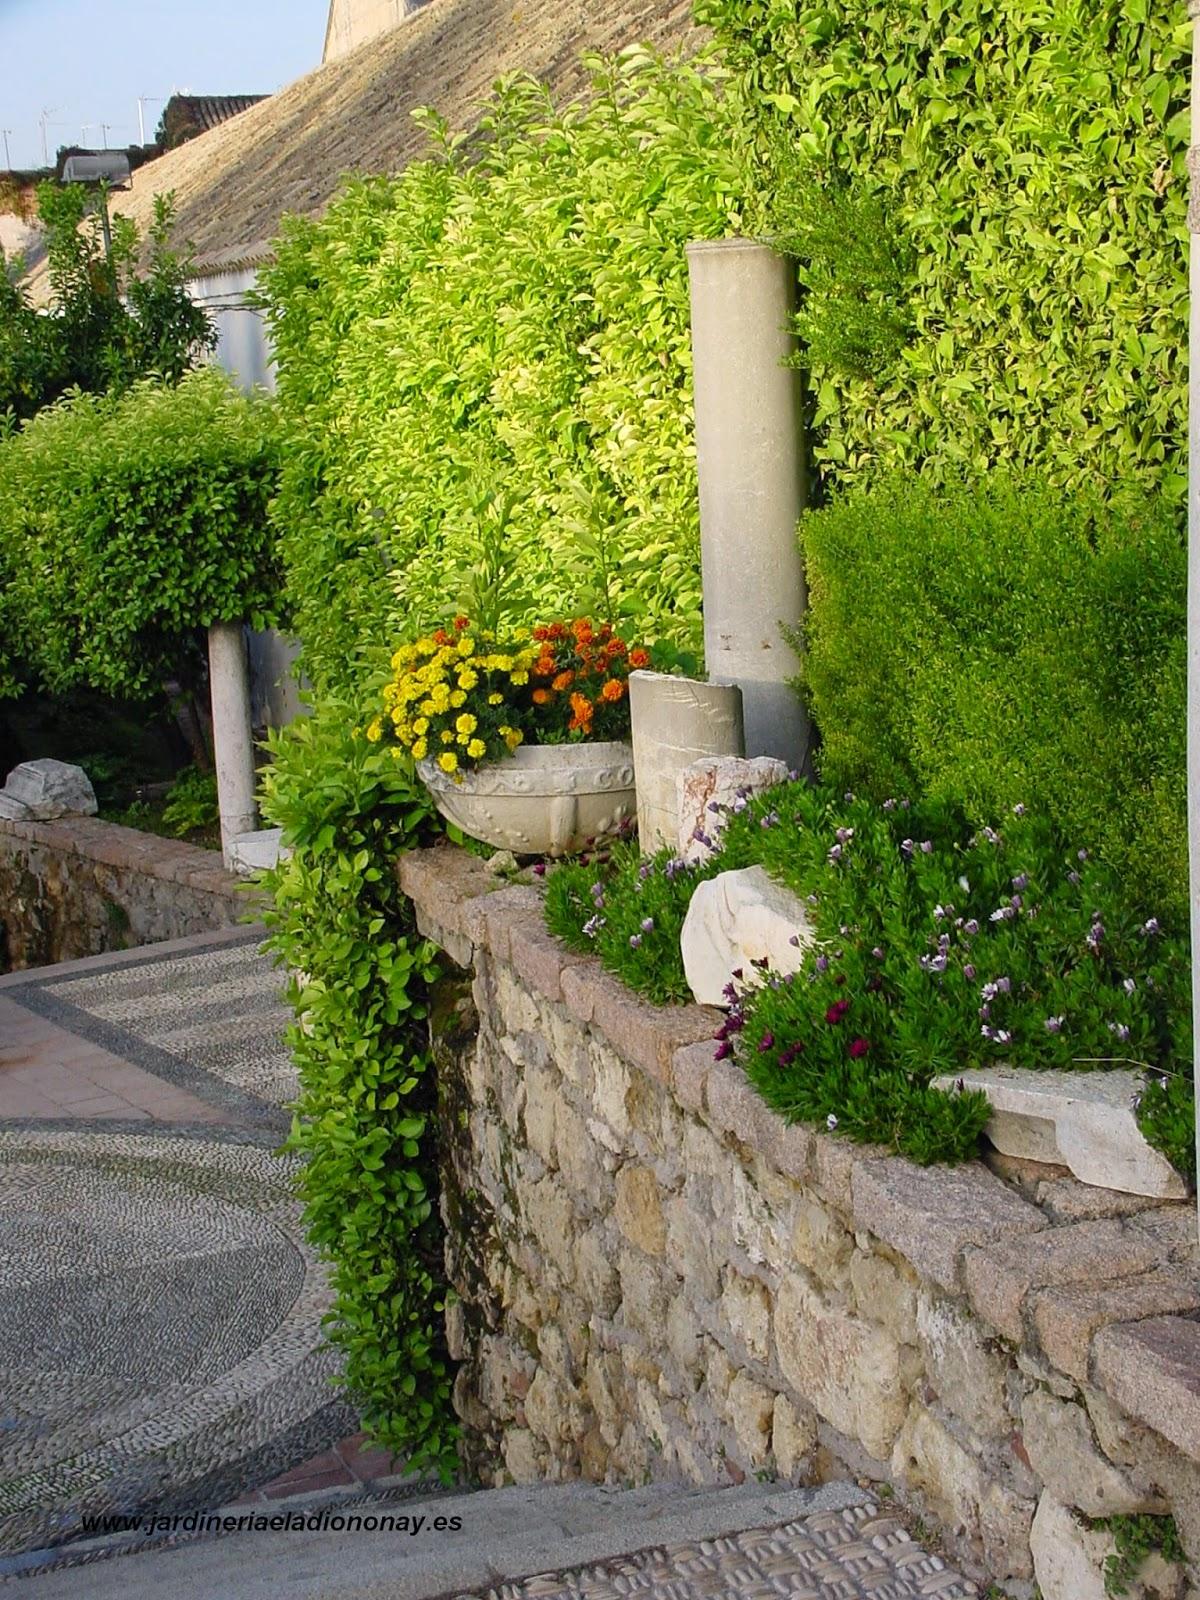 Jardineria eladio nonay alc zar de los reyes cristianos - Jardineria eladio nonay ...